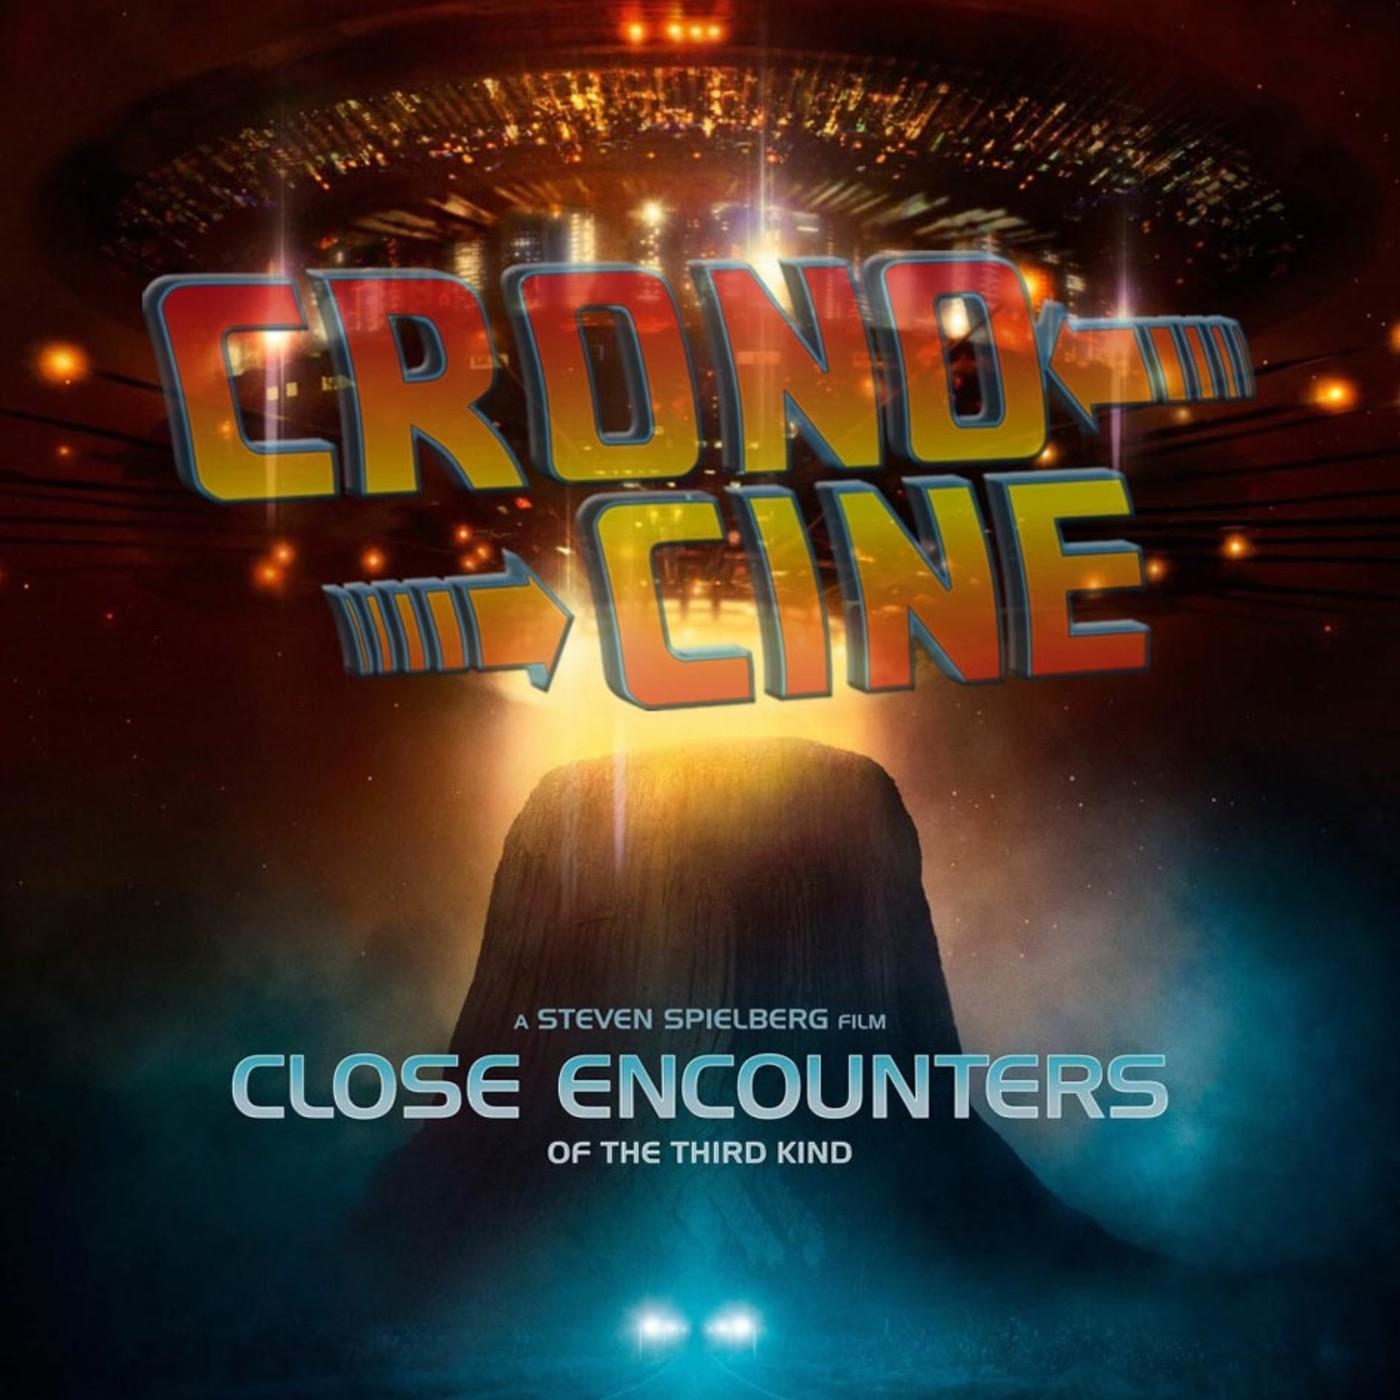 CronoCine 1x07: Encuentros en la Tercera Fase (Encuentros Cercanos del Tercer Tipo, Close Encounters of the Third Kind)